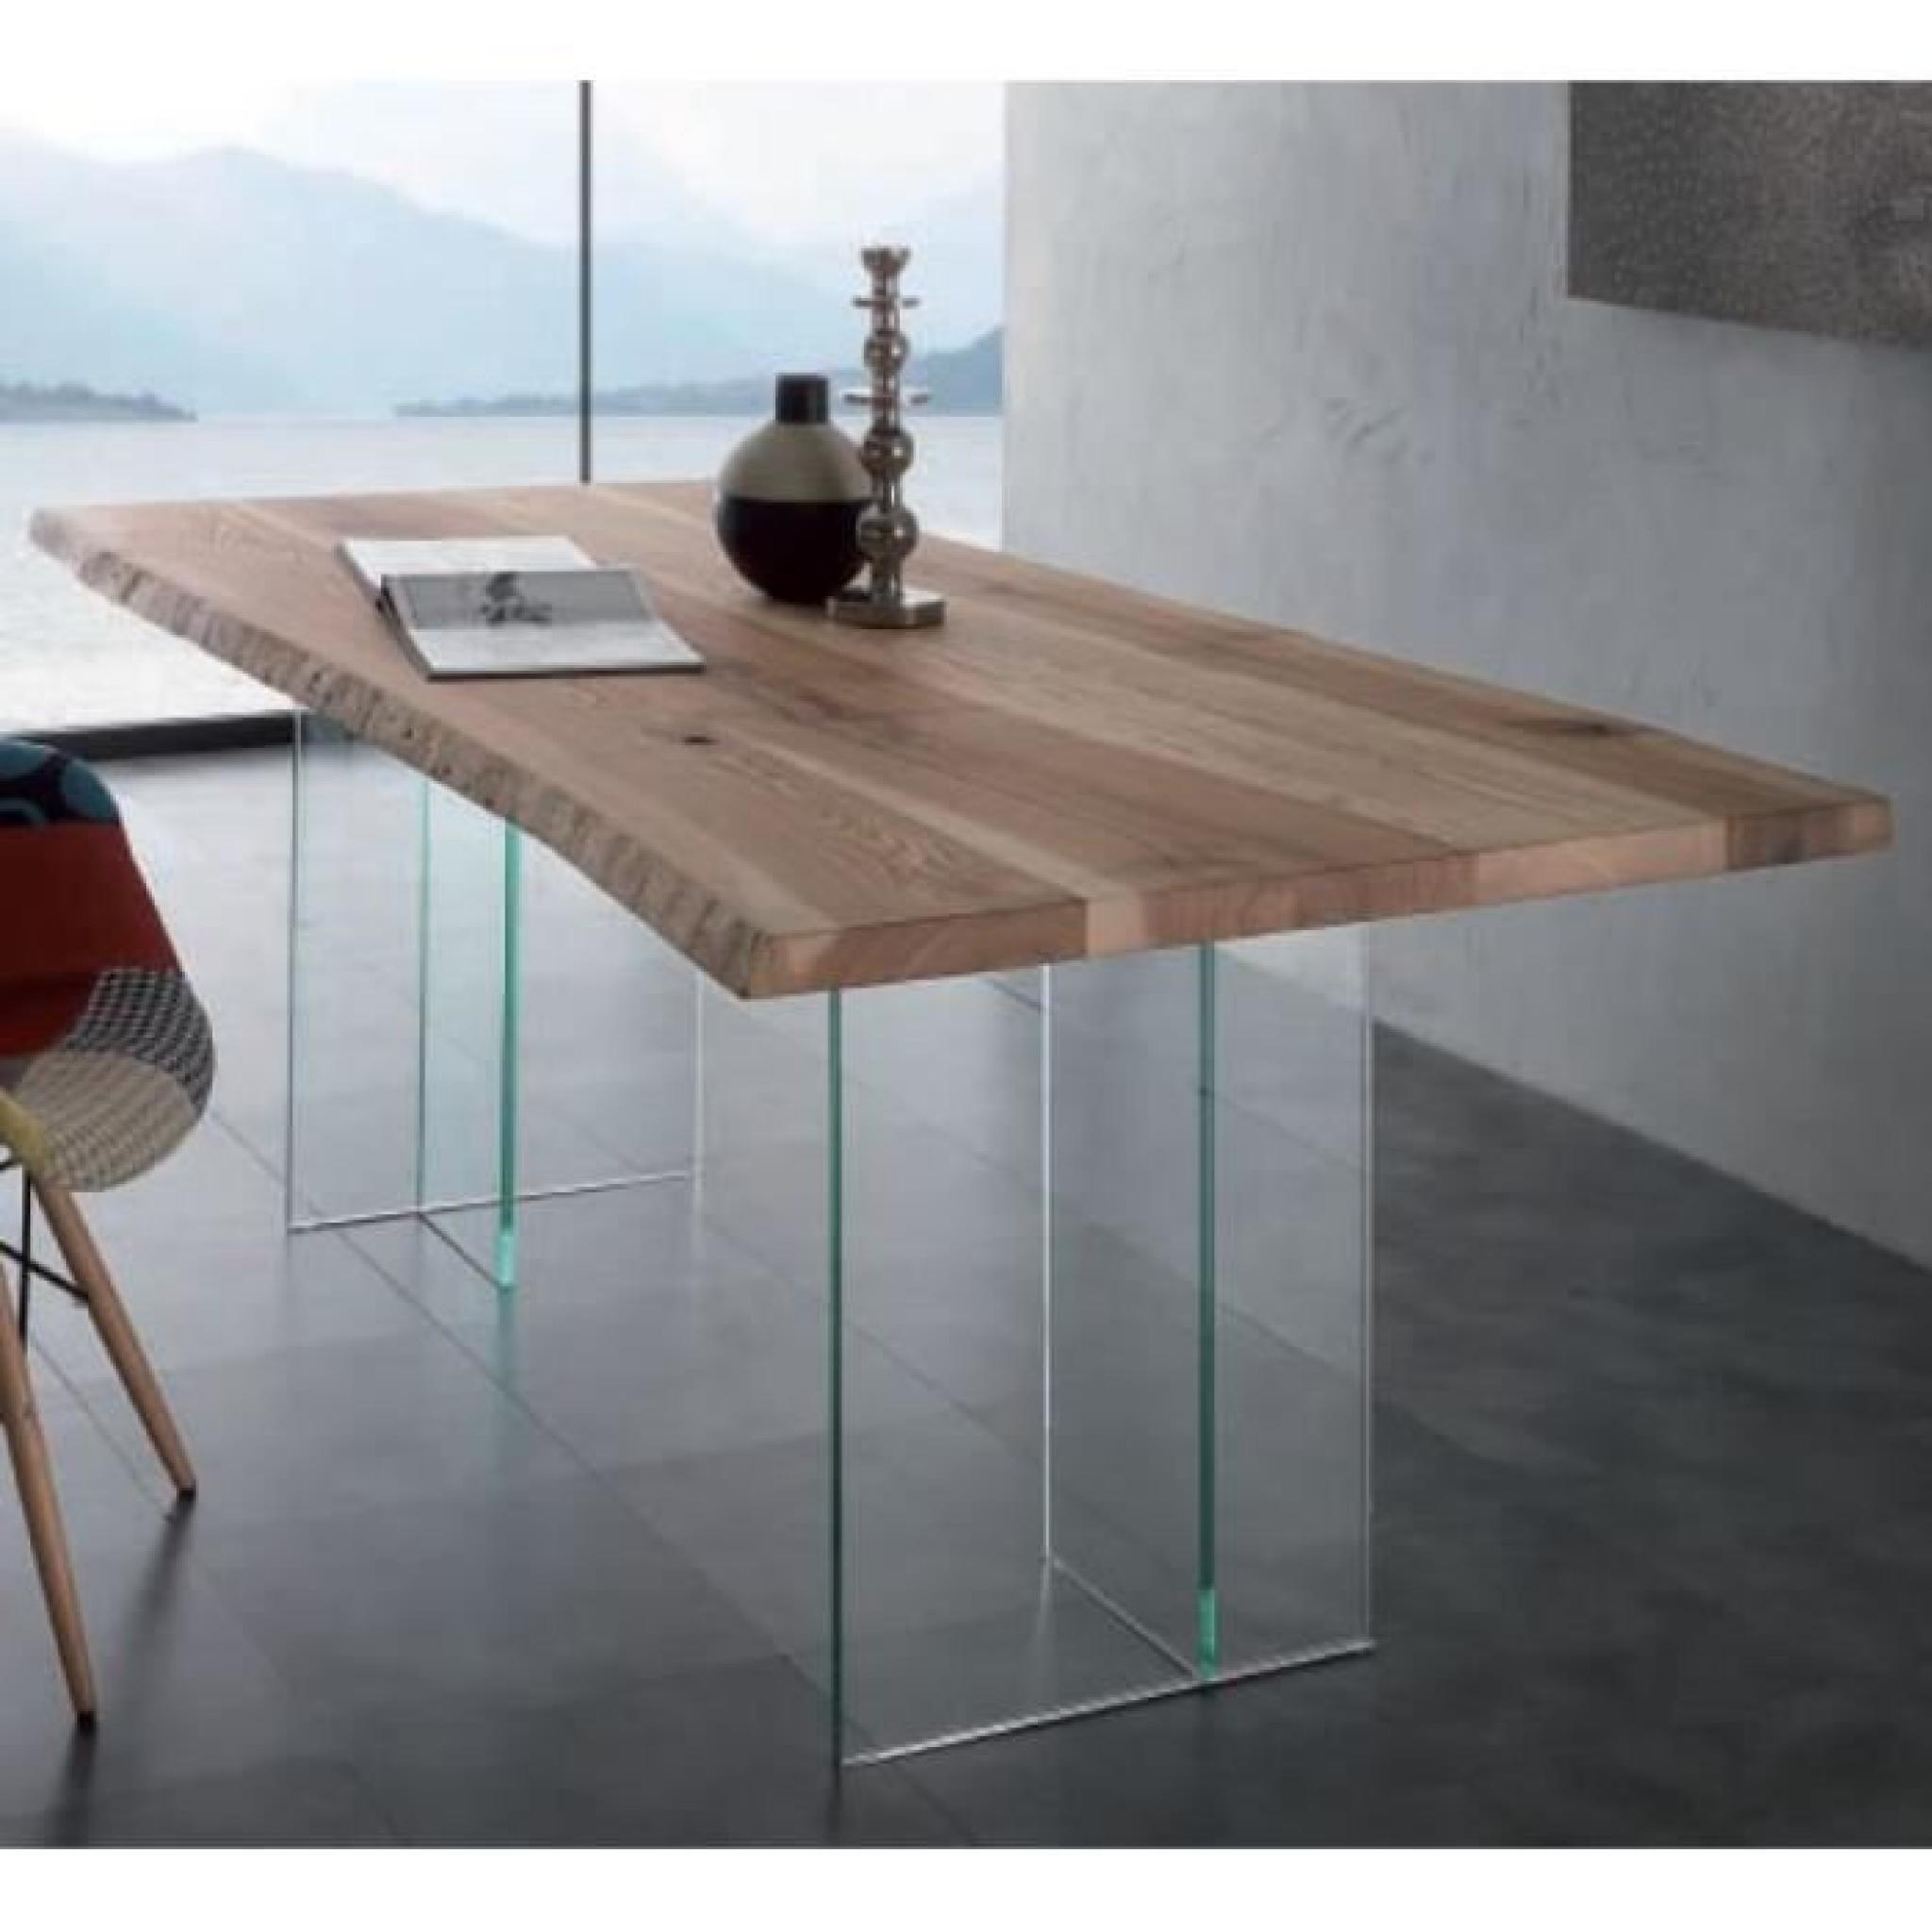 table repas bio glass en bois massif pietement achat vente table salle a manger pas cher couleur et design fr